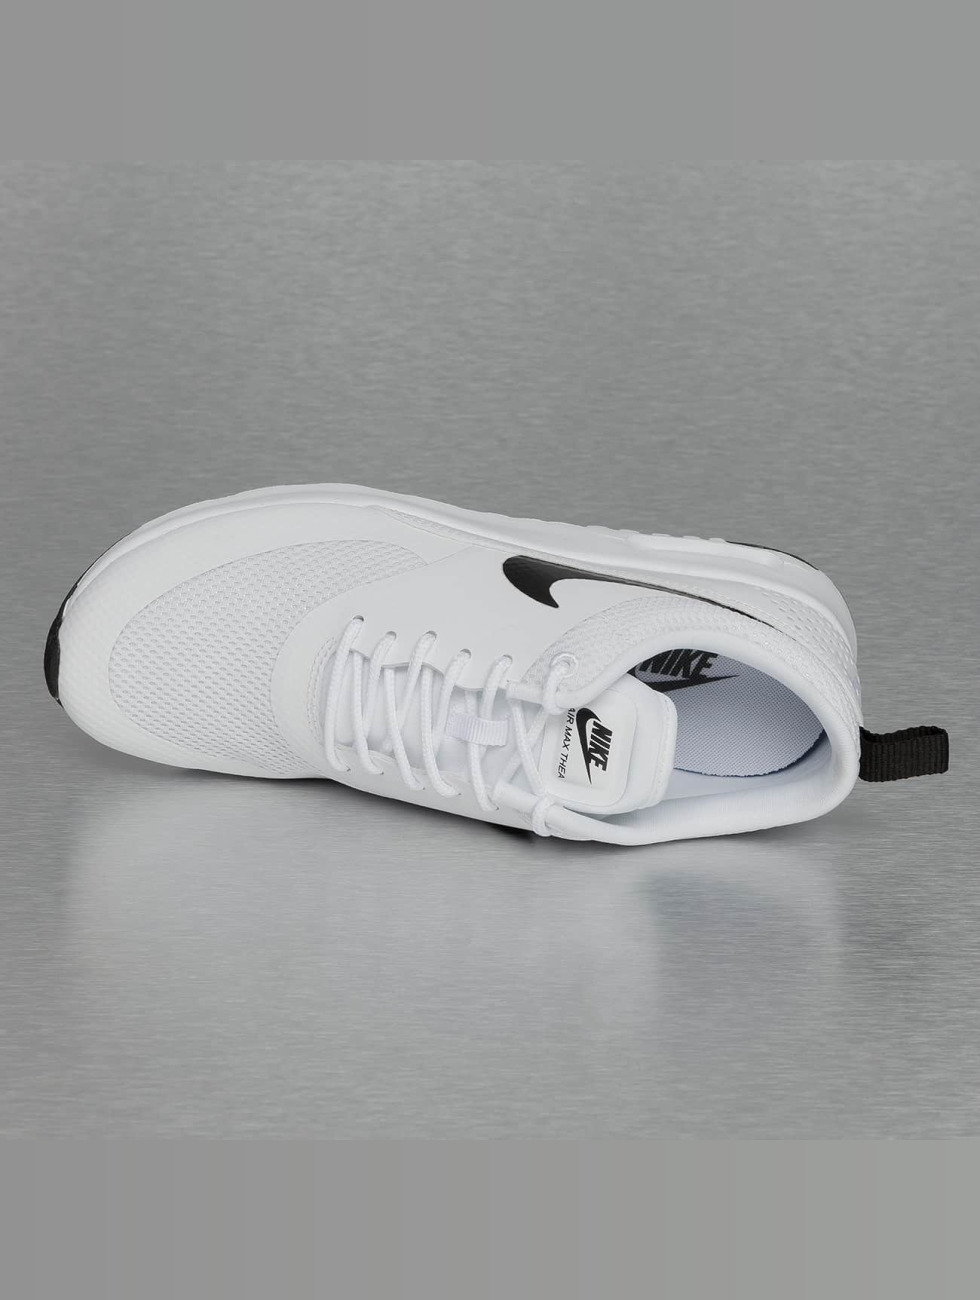 Nike schoen / sneaker Air Max Thea in wit 256758 Beste Wholesale Goedkope Prijs Ki1LCzX